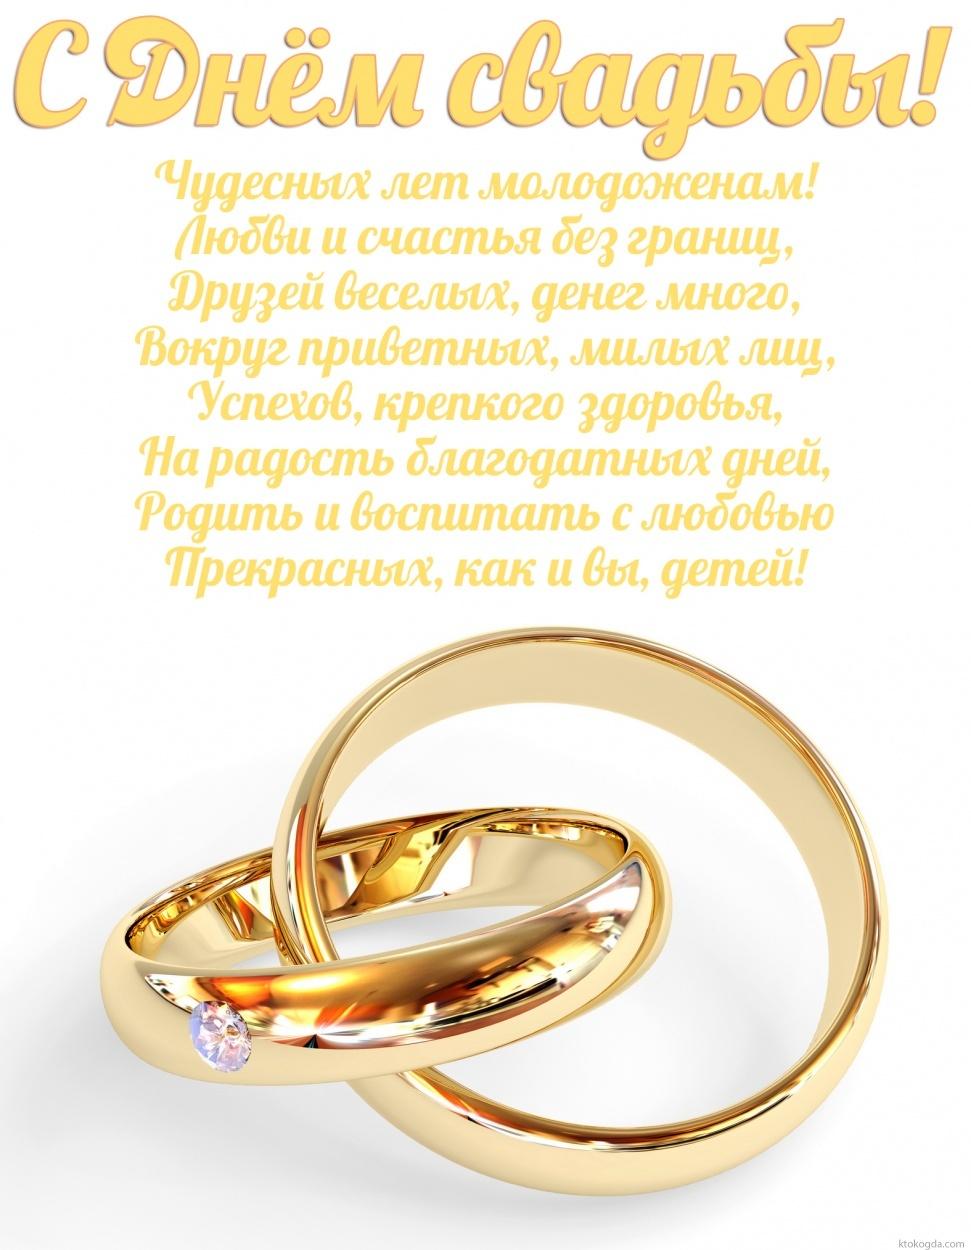 Поздравление с днем свадьбы на одну букву 123